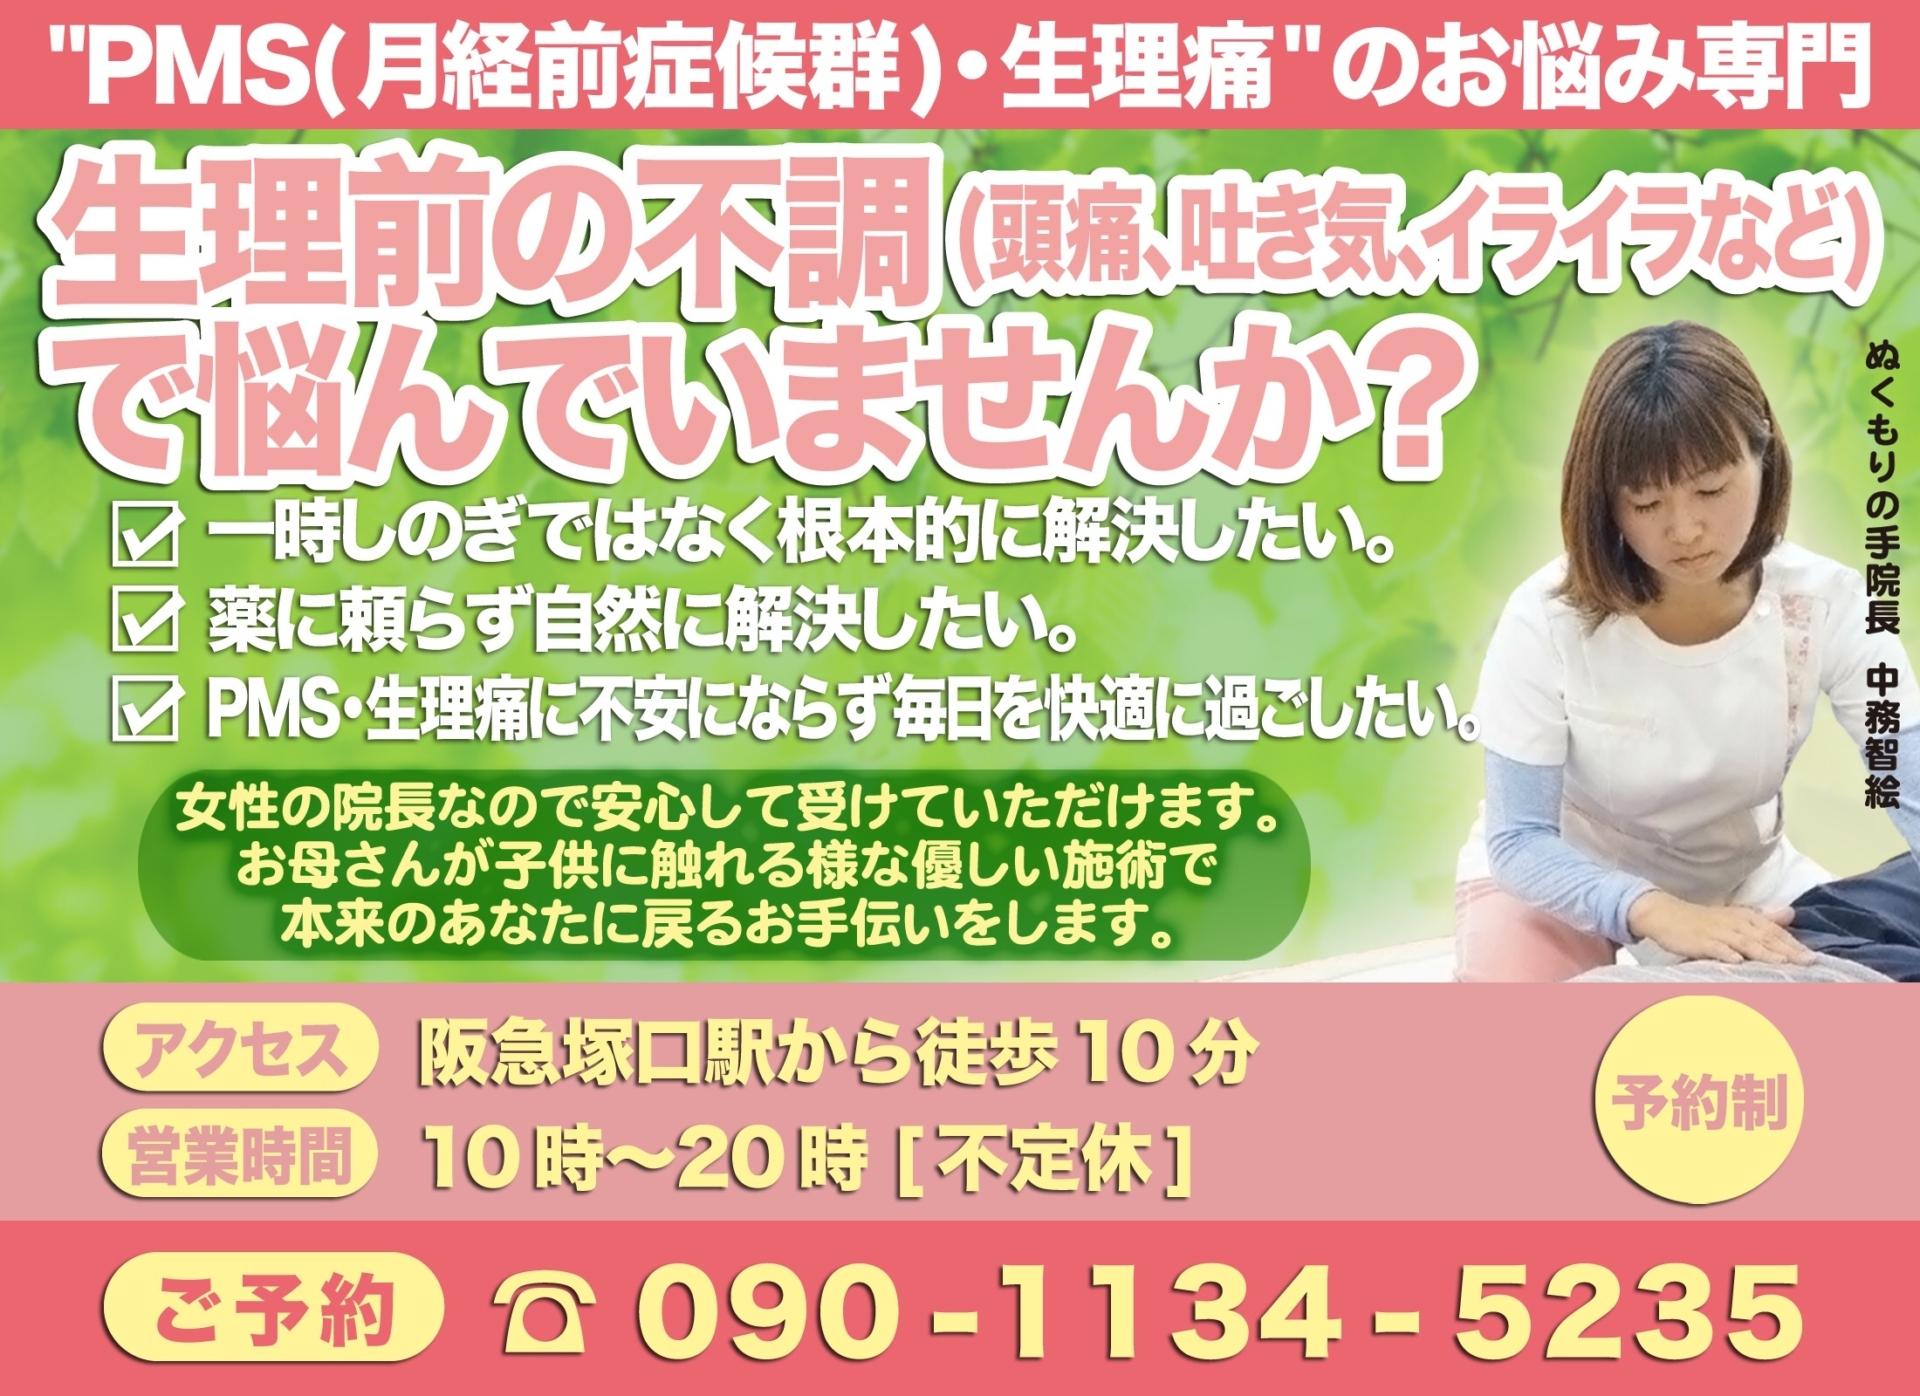 尼崎のPMS(月経前症候群)・生理痛専門 無痛整体 ぬくもりの手 阪急塚口10分